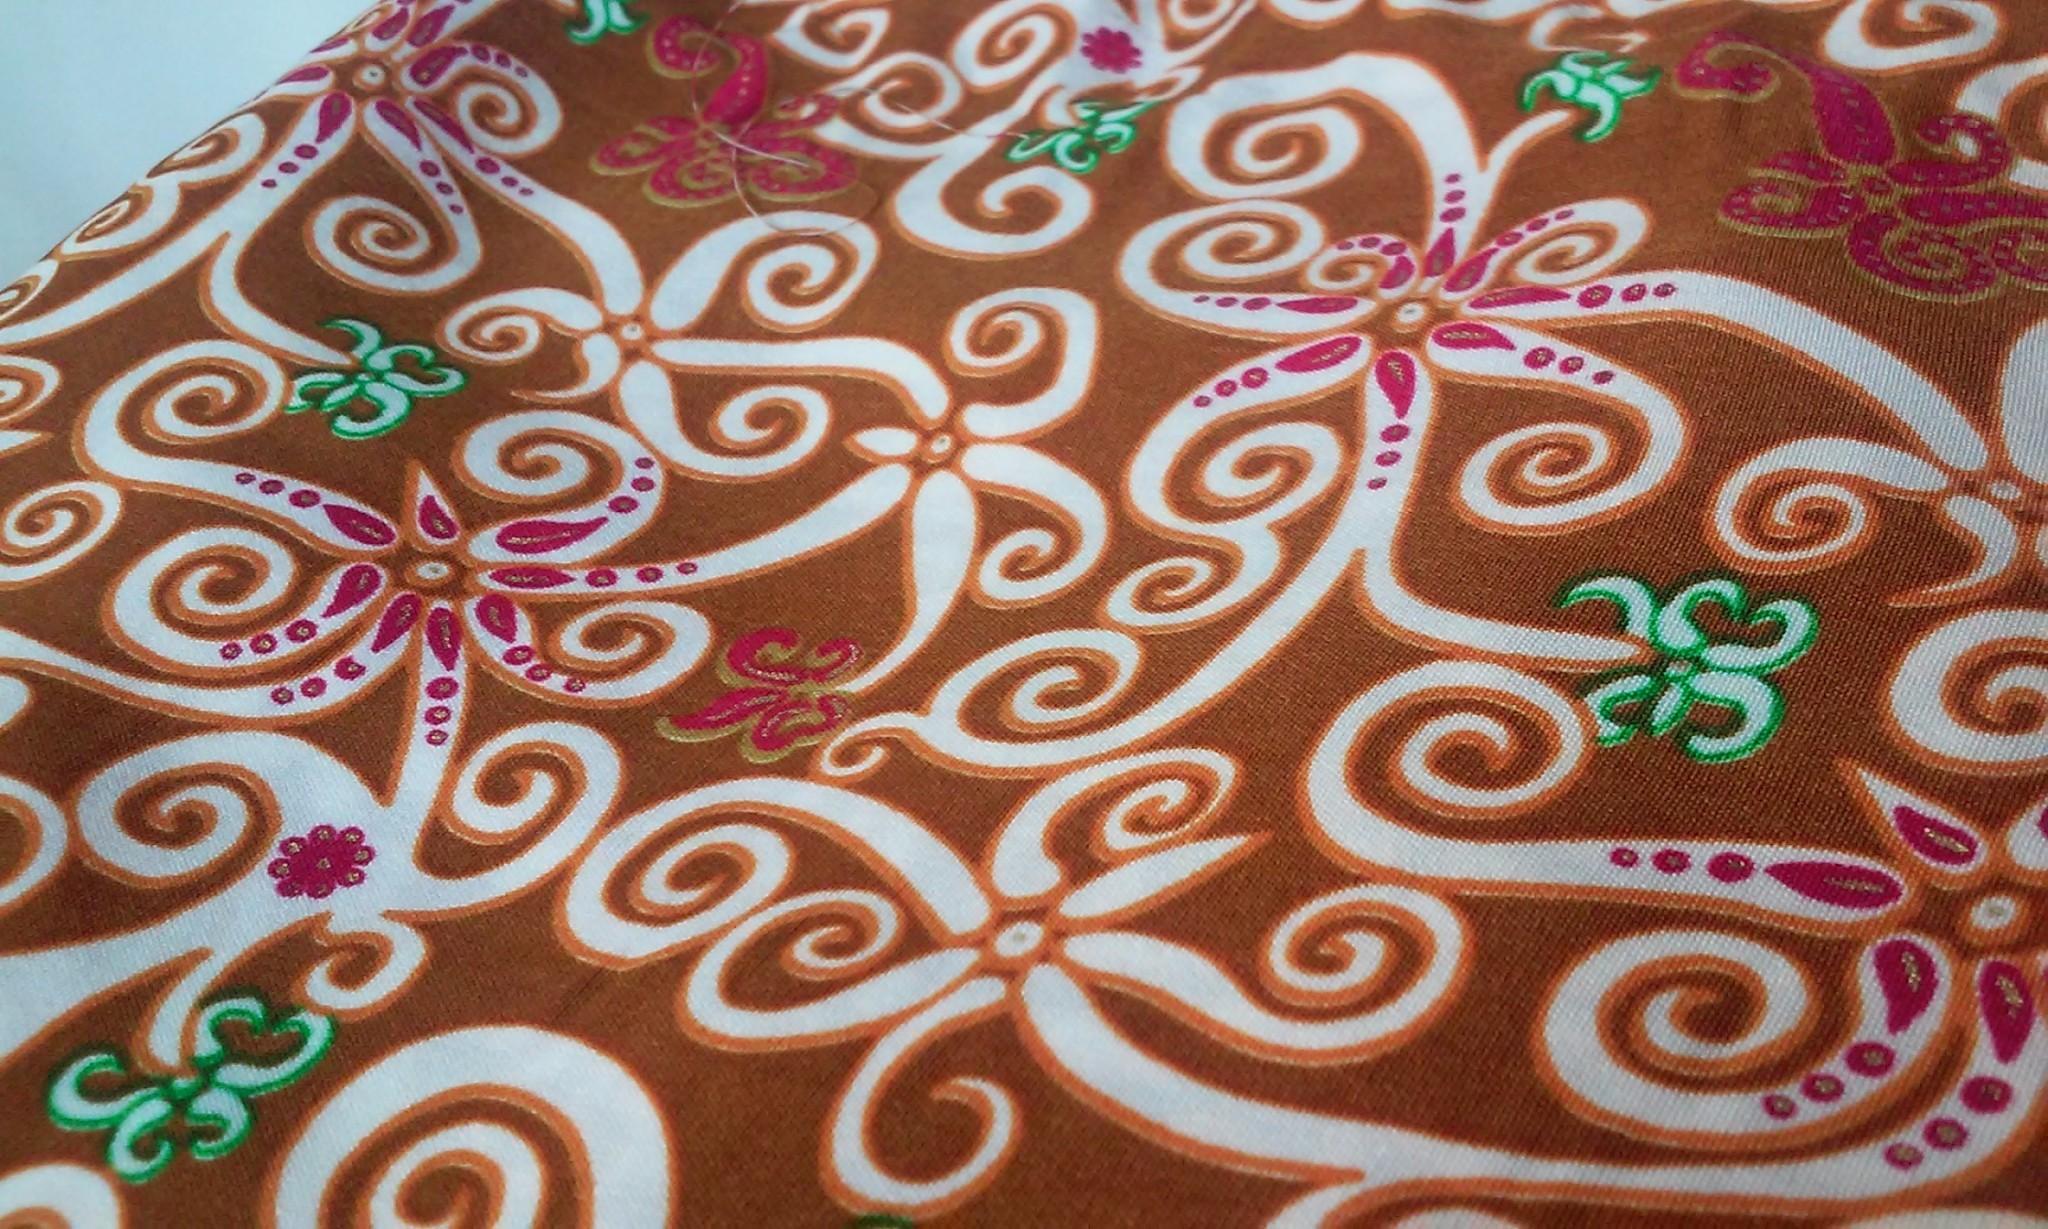 Jual Kain Batik Corak Flora Kalimantan Timur  lionchic shop